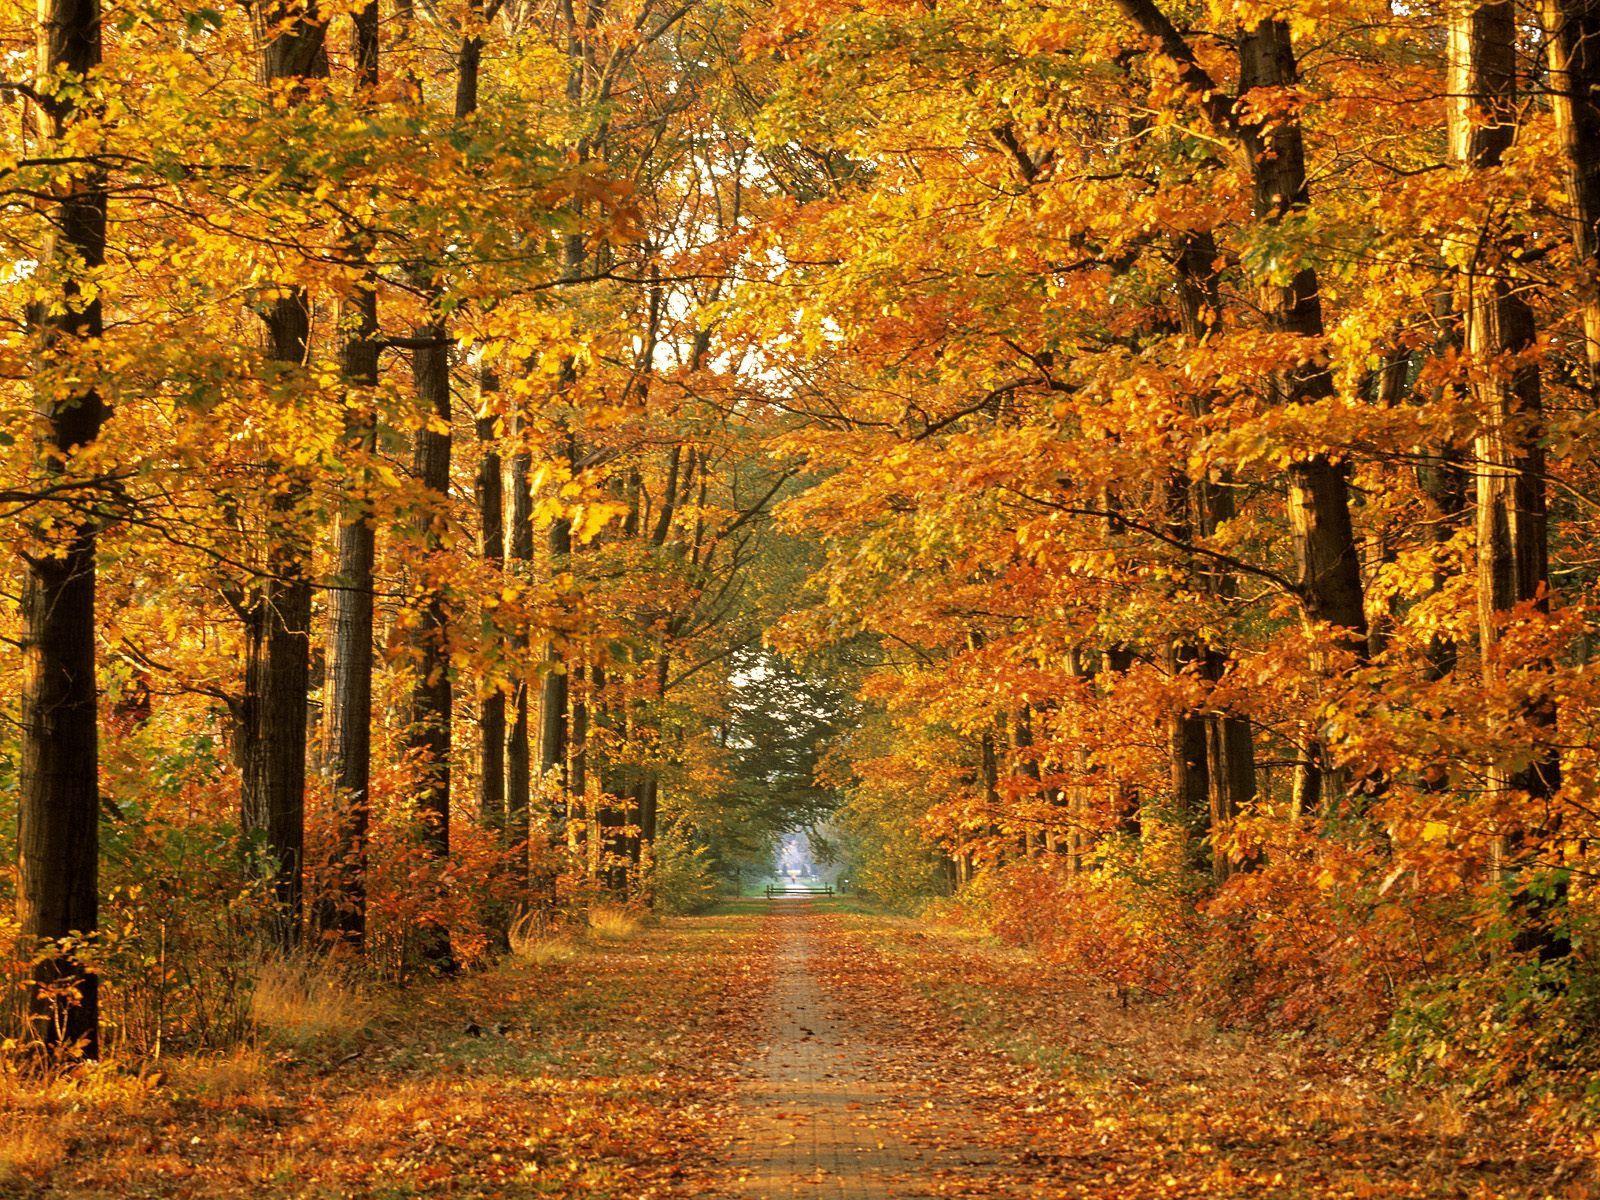 65557 скачать обои Осень, Октябрь, Листопад, Природа, Деревья, Дорога, Аллея, Путь - заставки и картинки бесплатно